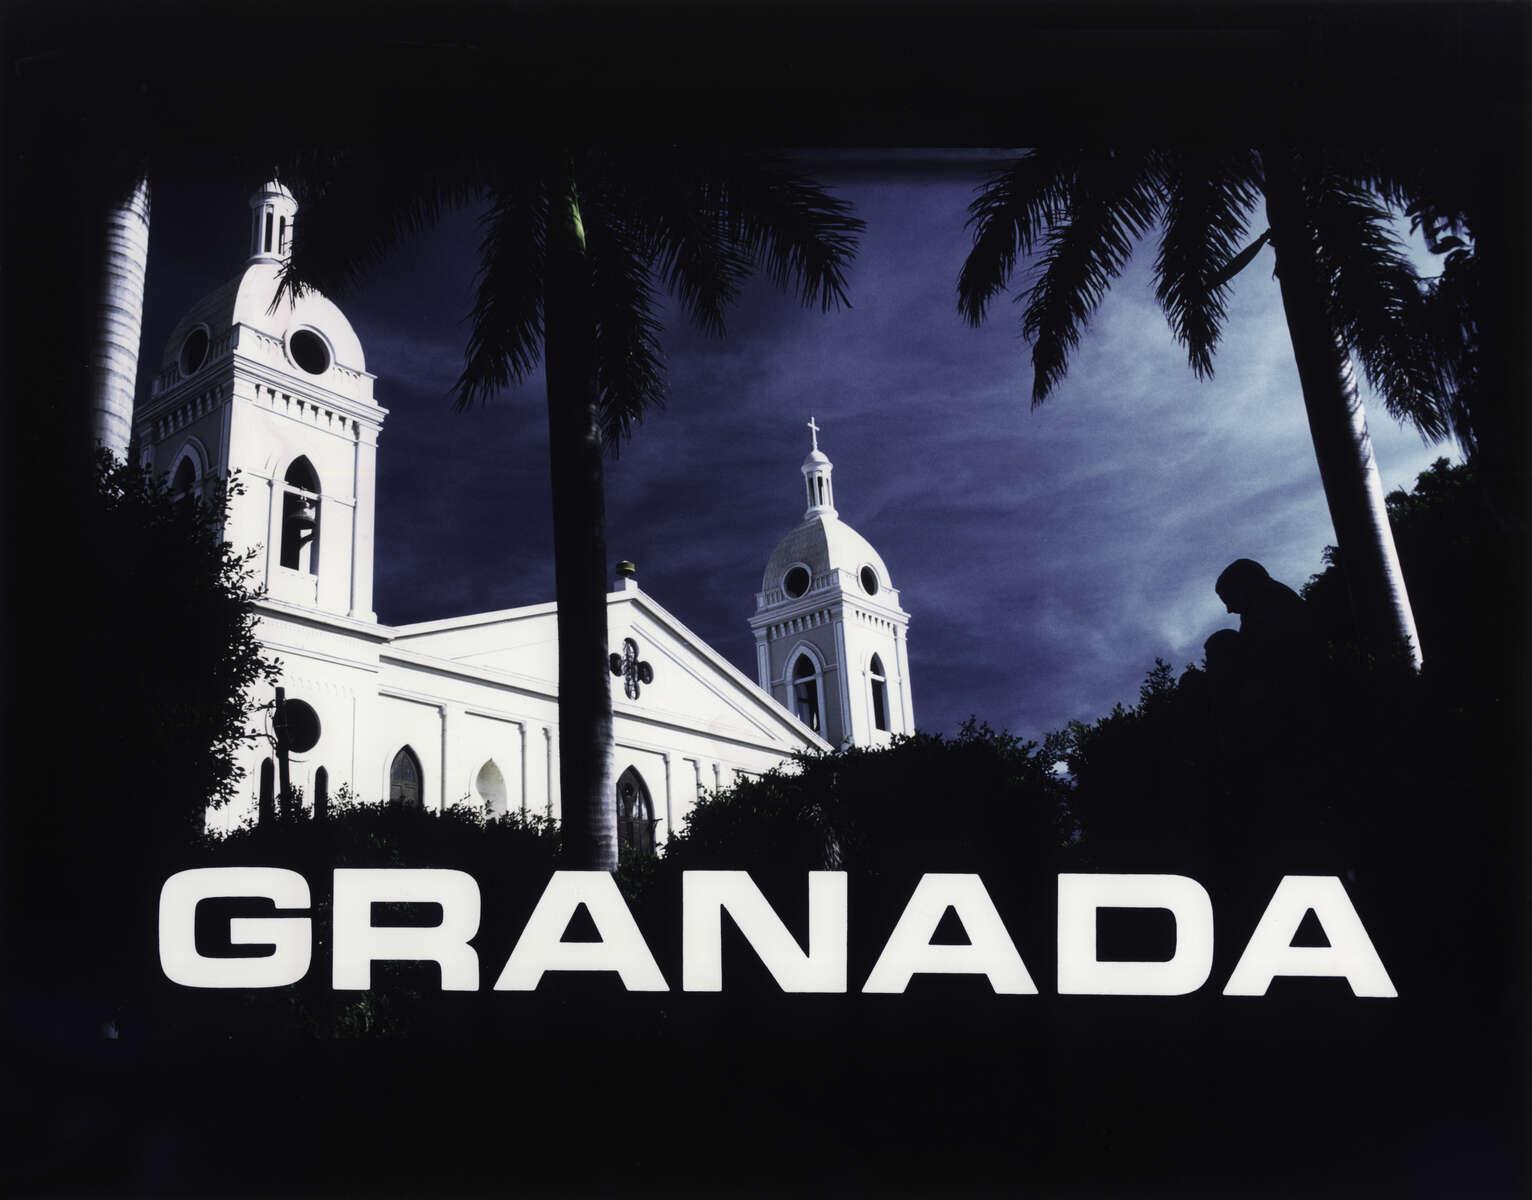 GRANADA-POSTER-2